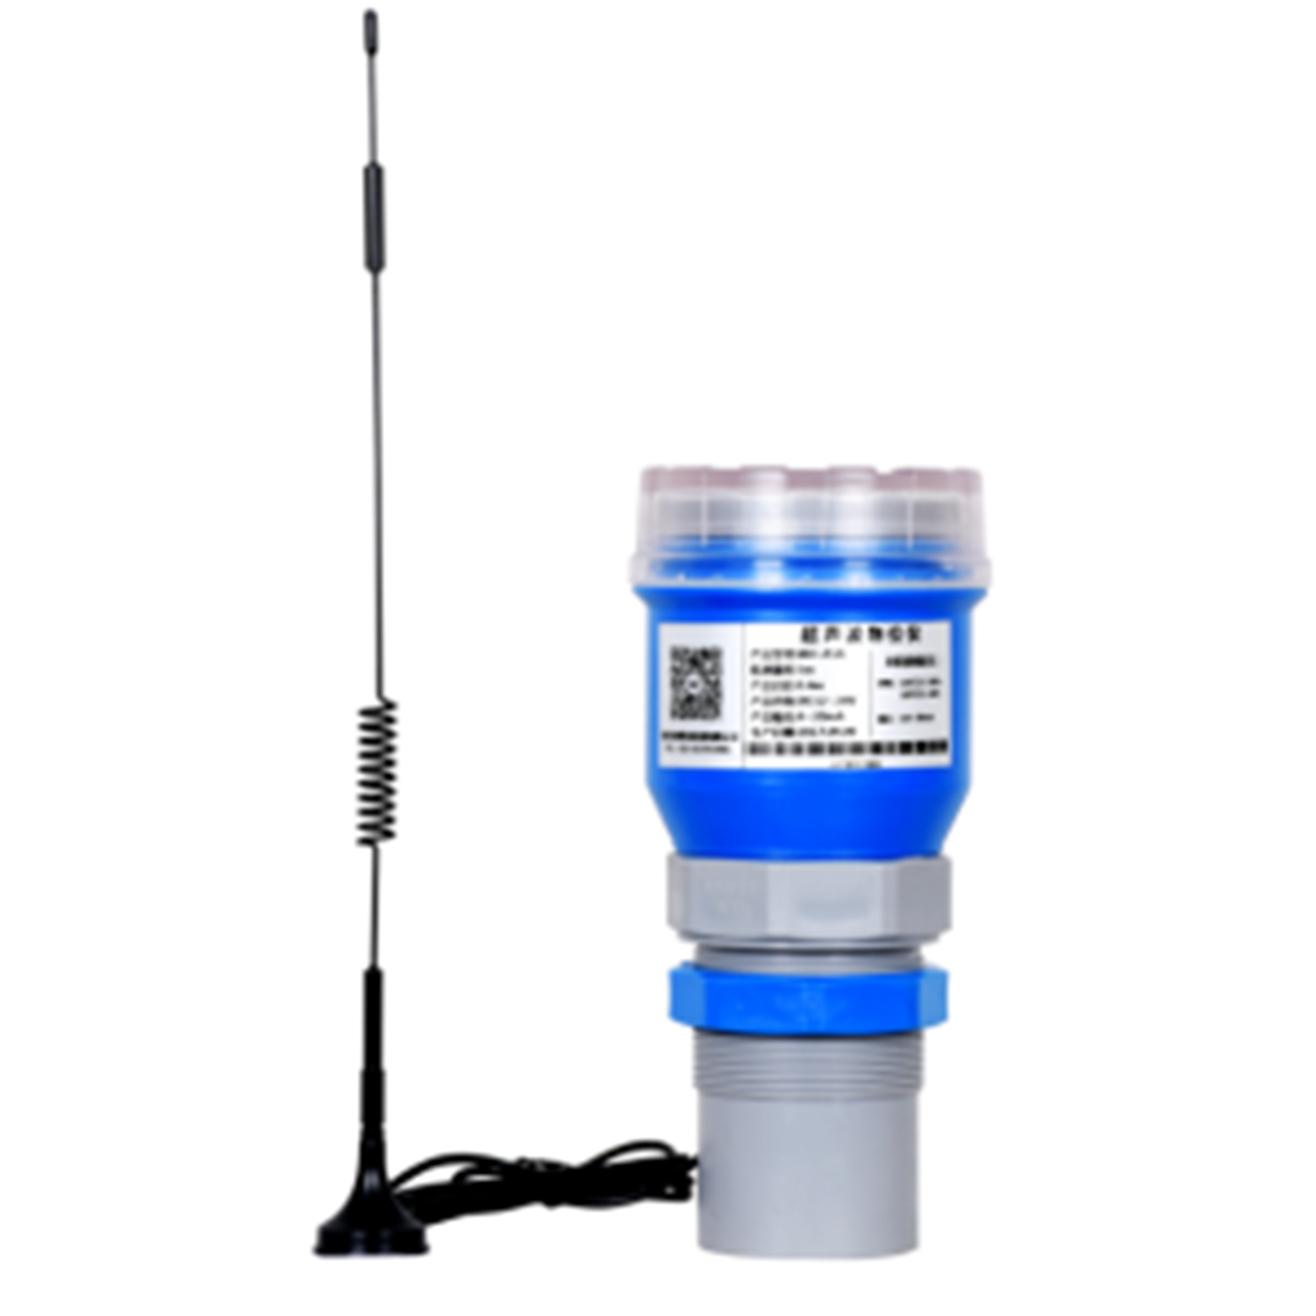 MH-ASN雪深检测仪可长期连续地测量积雪深度、时段降雪量等